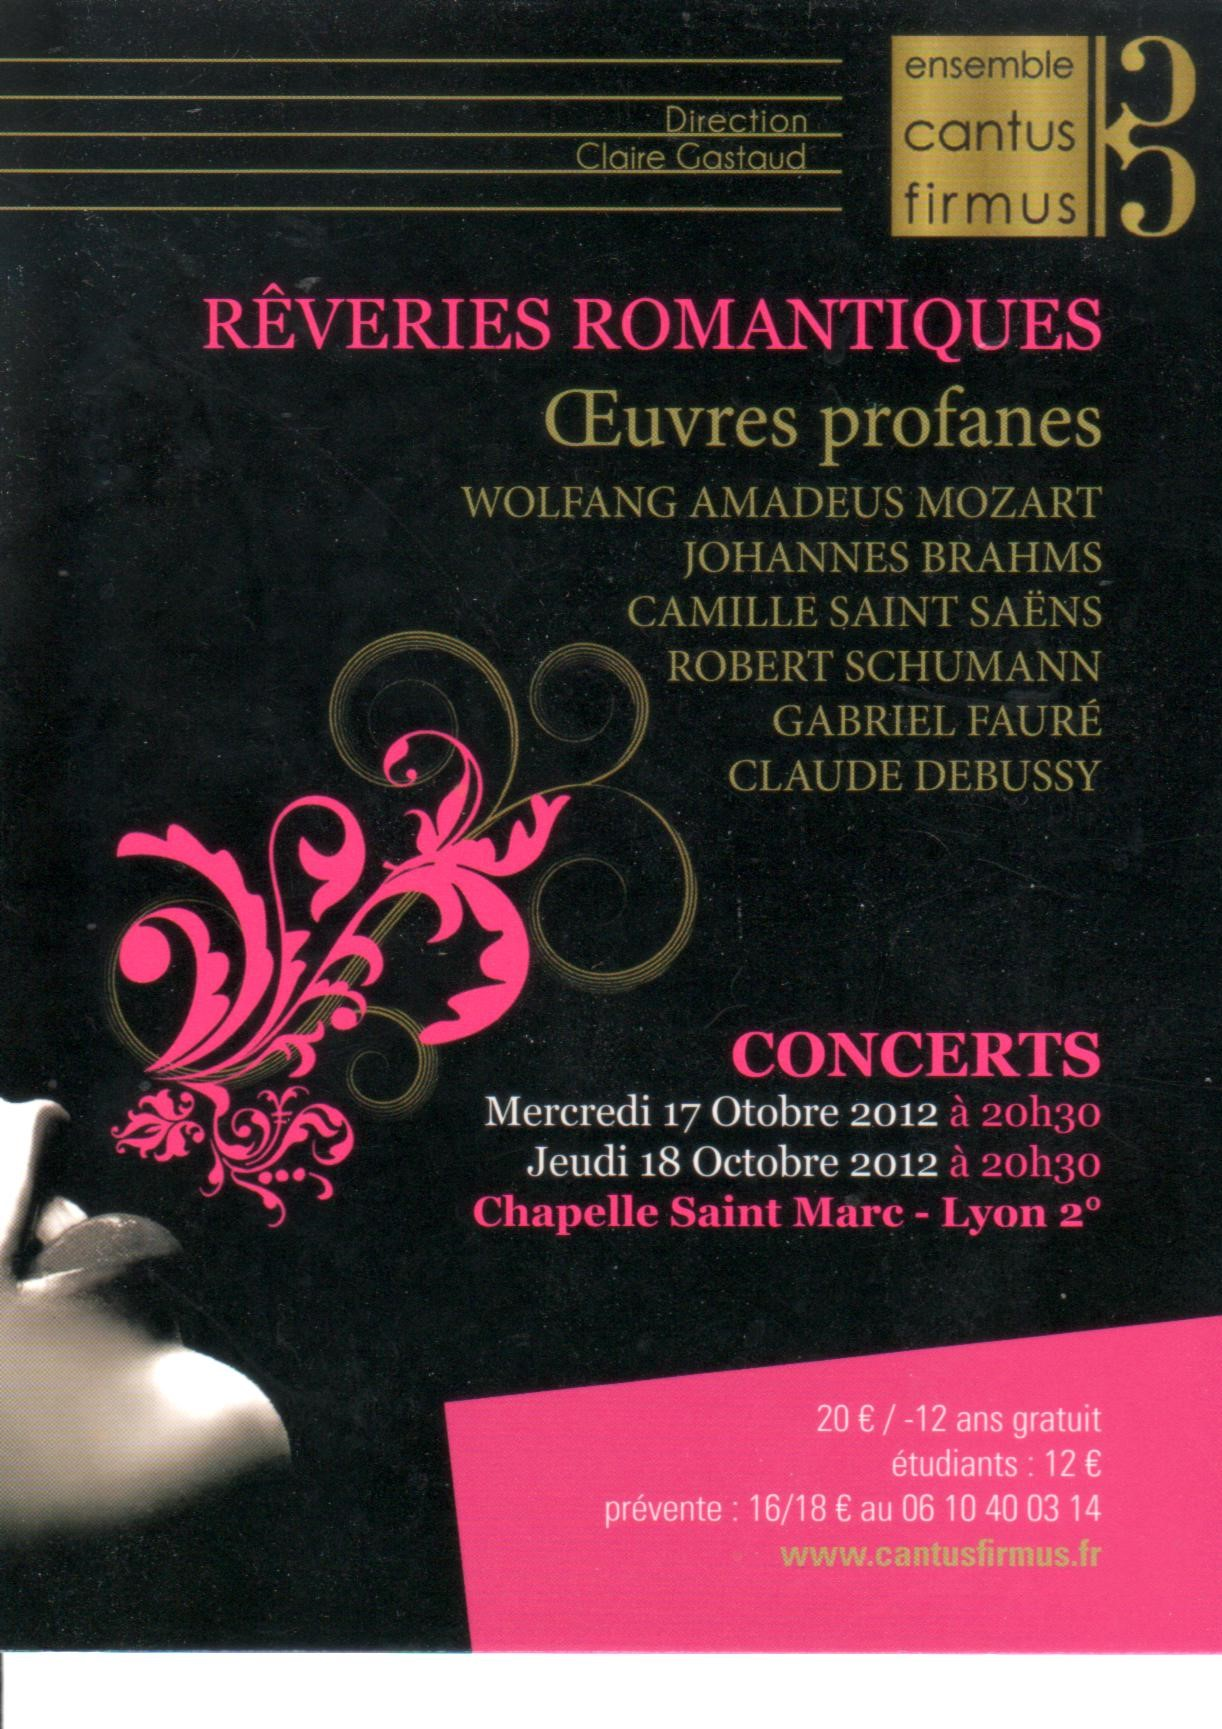 2012-10_REVERIES ROMANTIQUES (1)